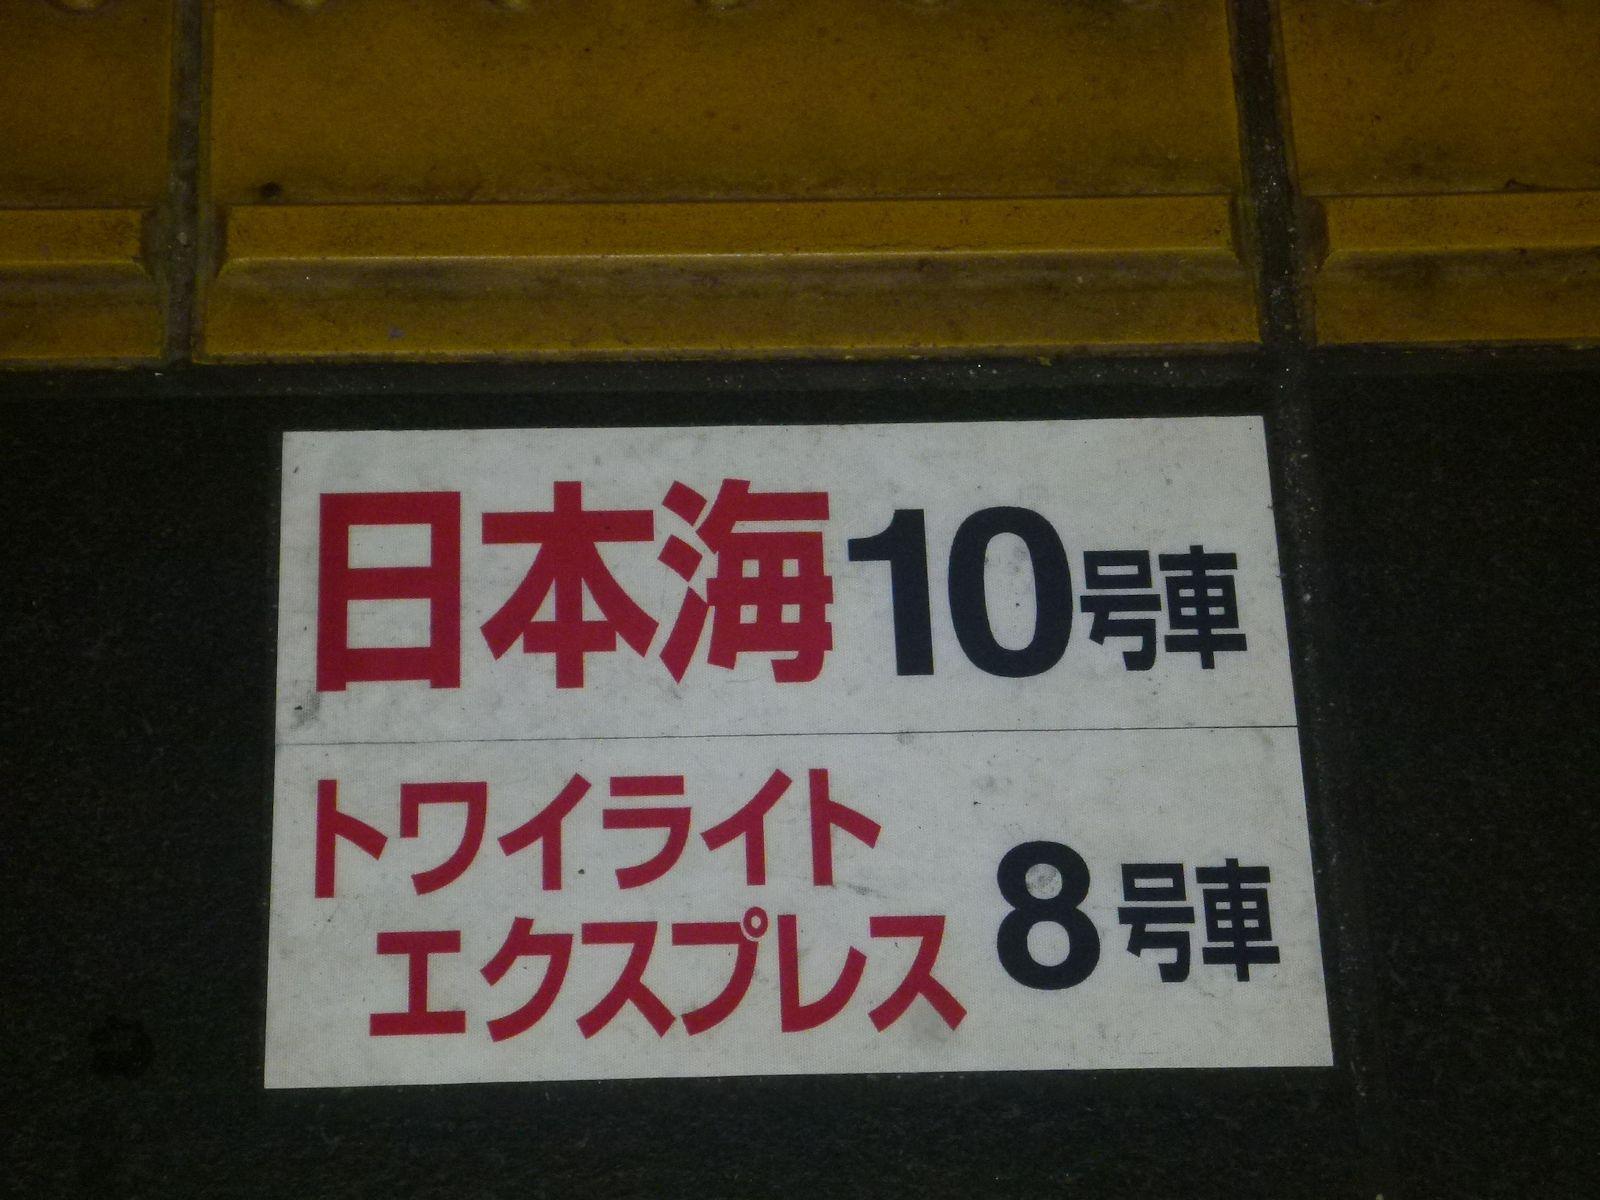 寝台特急日本海号の大阪駅乗車位置案内(JPG-221k)